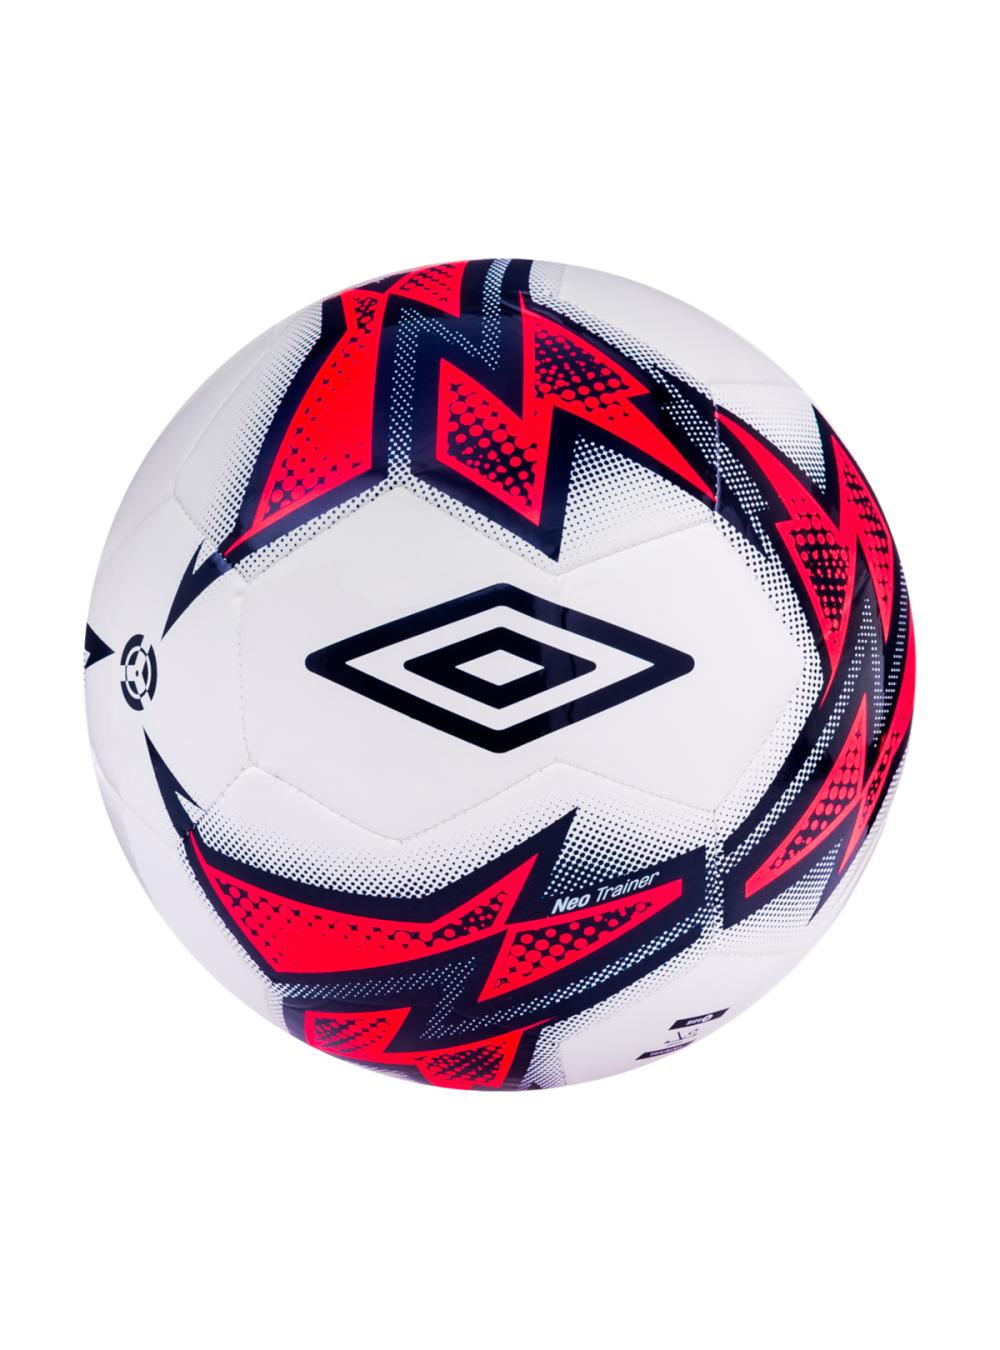 Мяч футбольный белый/темно-синий/розовый (NEO TRAINER)